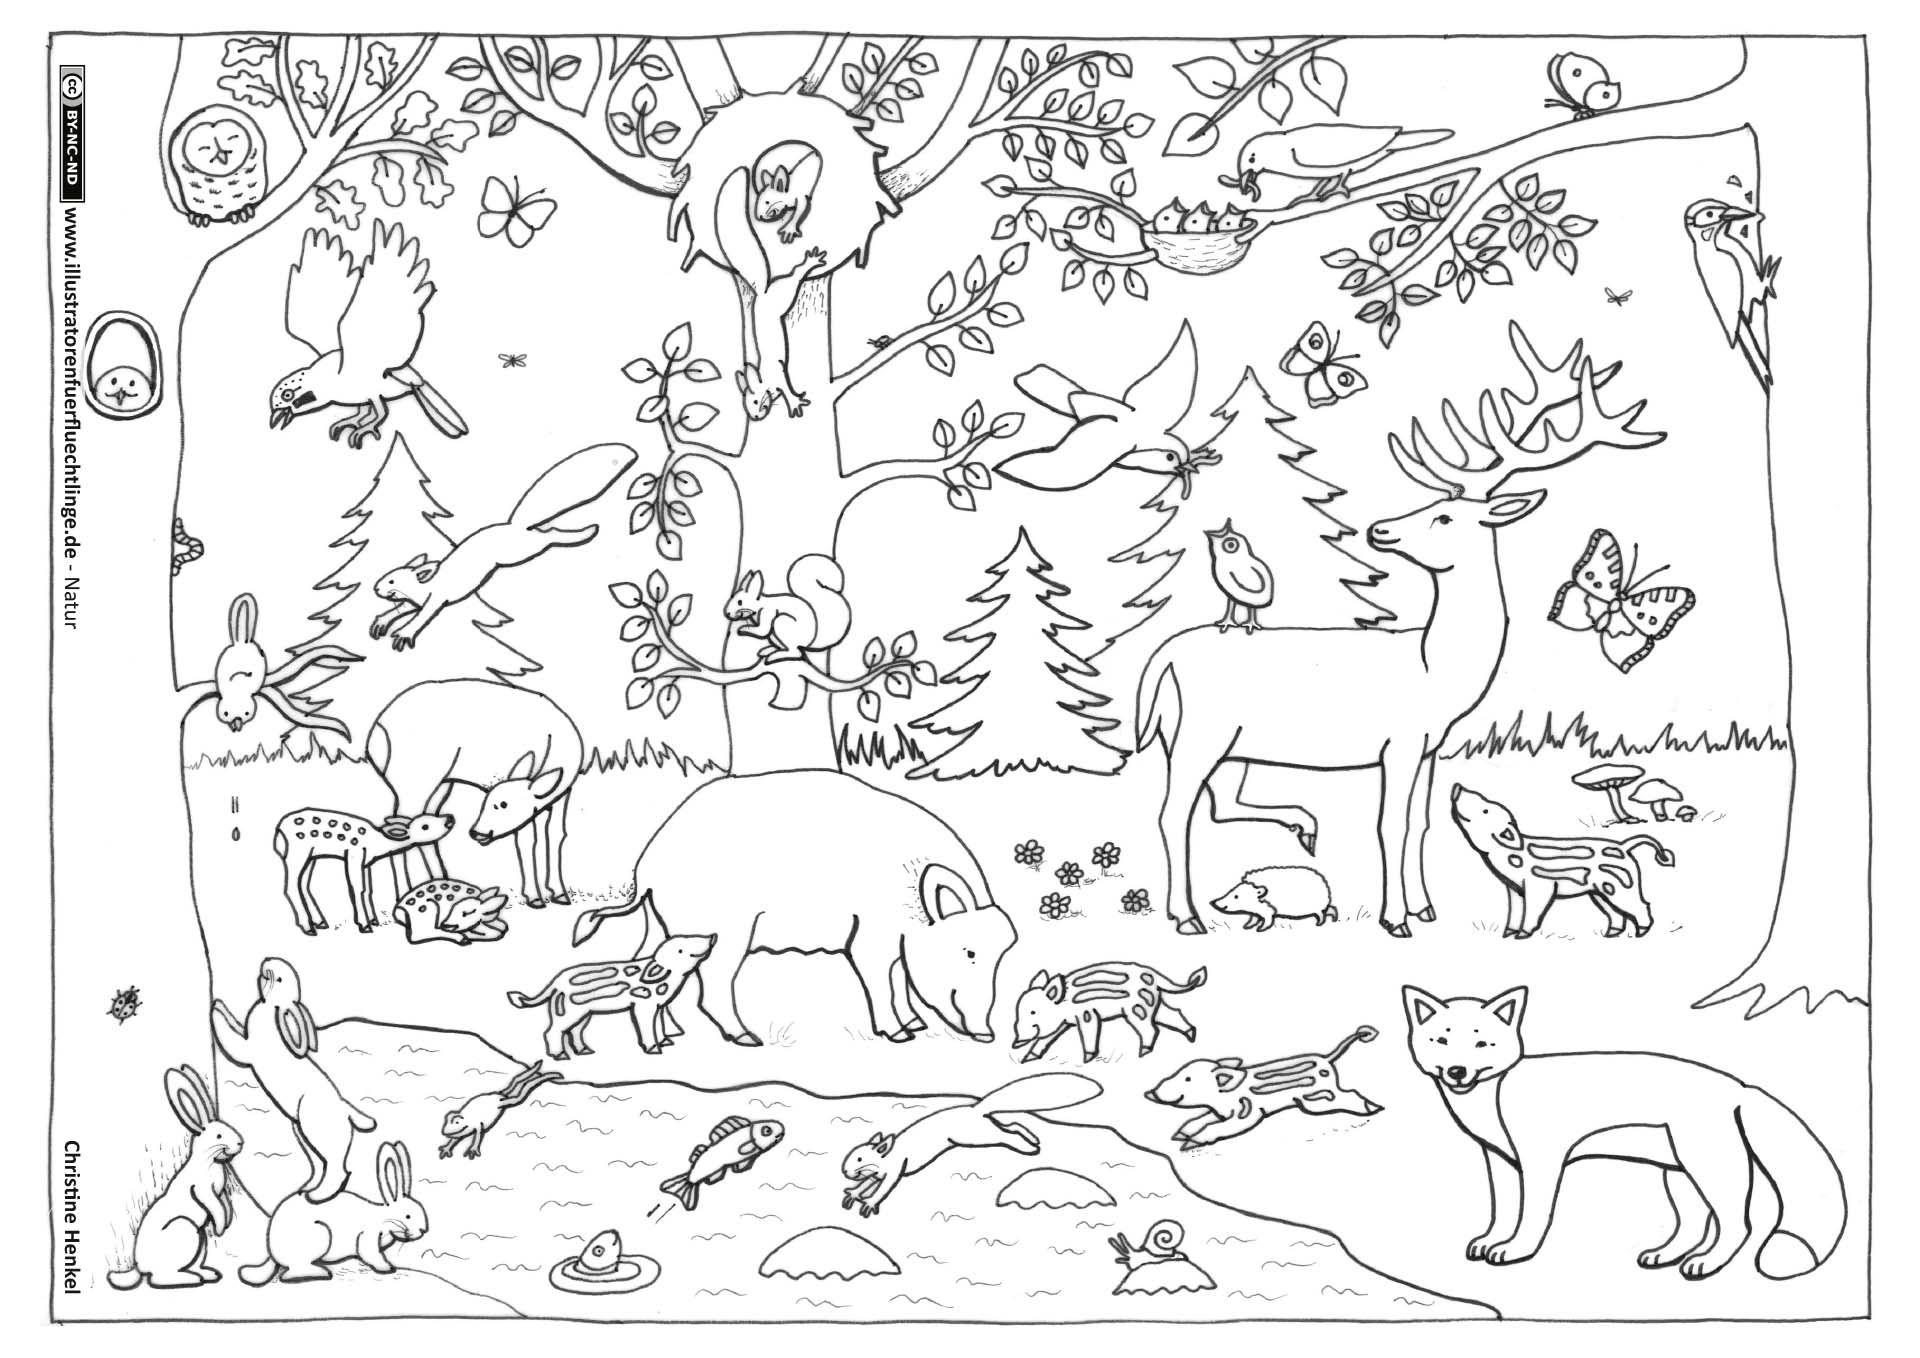 Wald Tiere (Mit Bildern) | Malvorlagen Tiere, Tiere Des ganzes Wald Ausmalbild